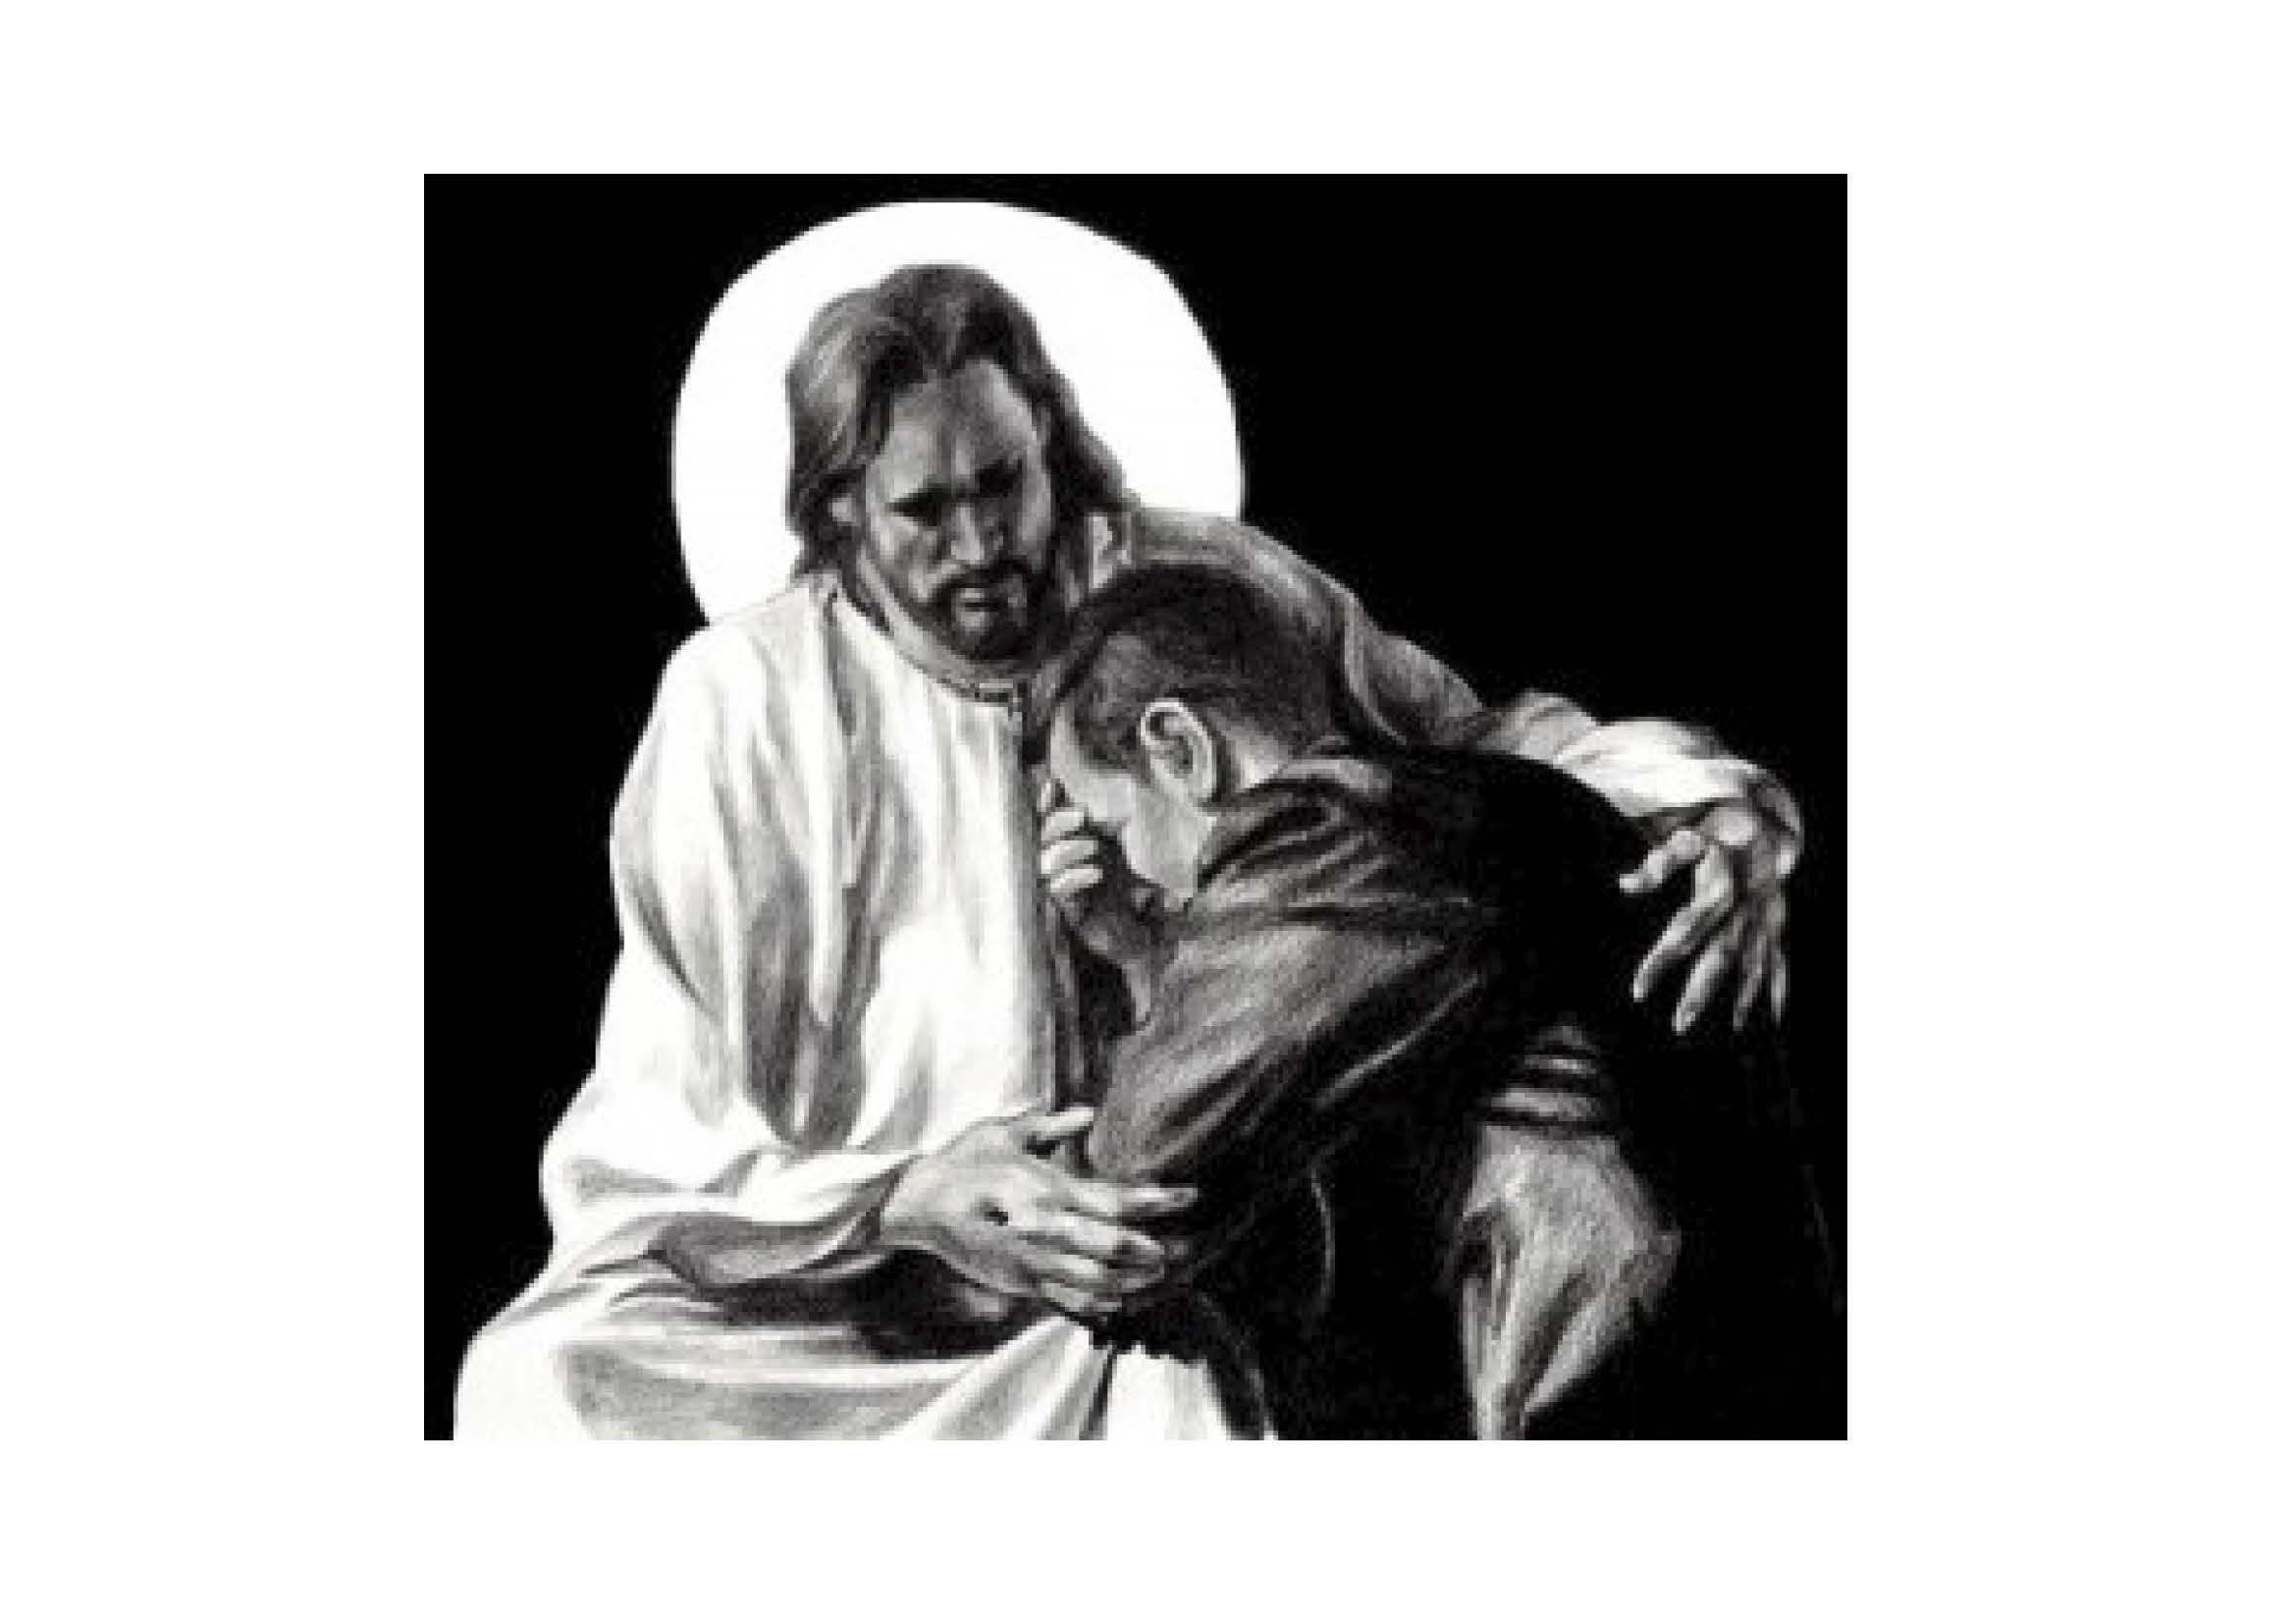 Свята Тайна Покаяння (Сповіді) – примирення з Богом і Церквою